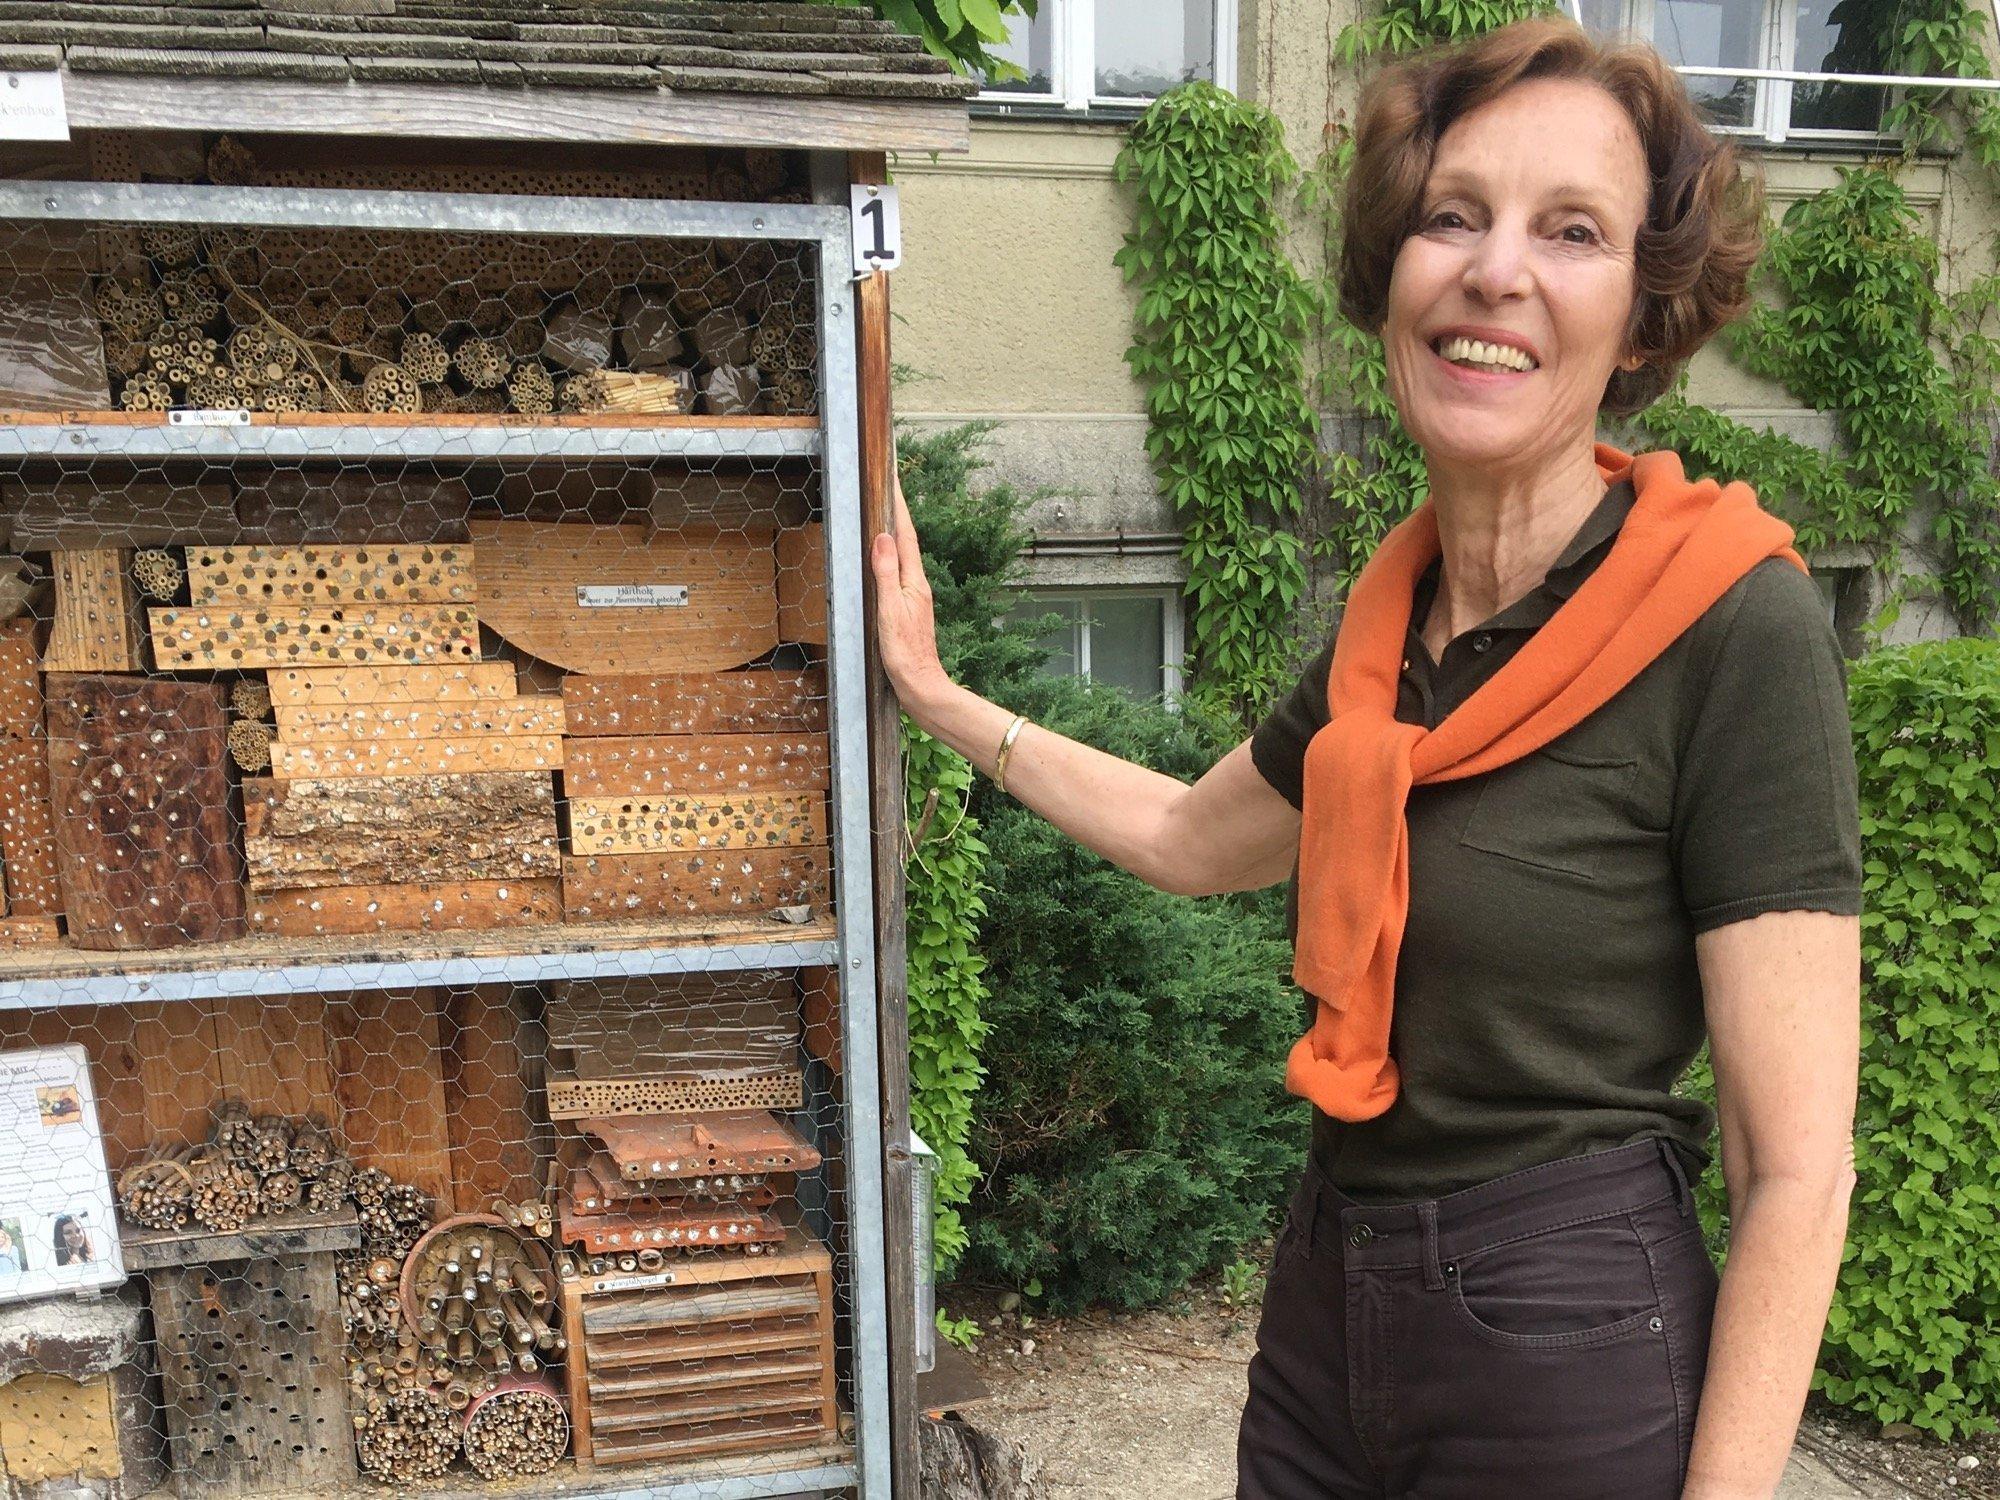 Susanne S. Renner steht neben einem Insektenhotel.